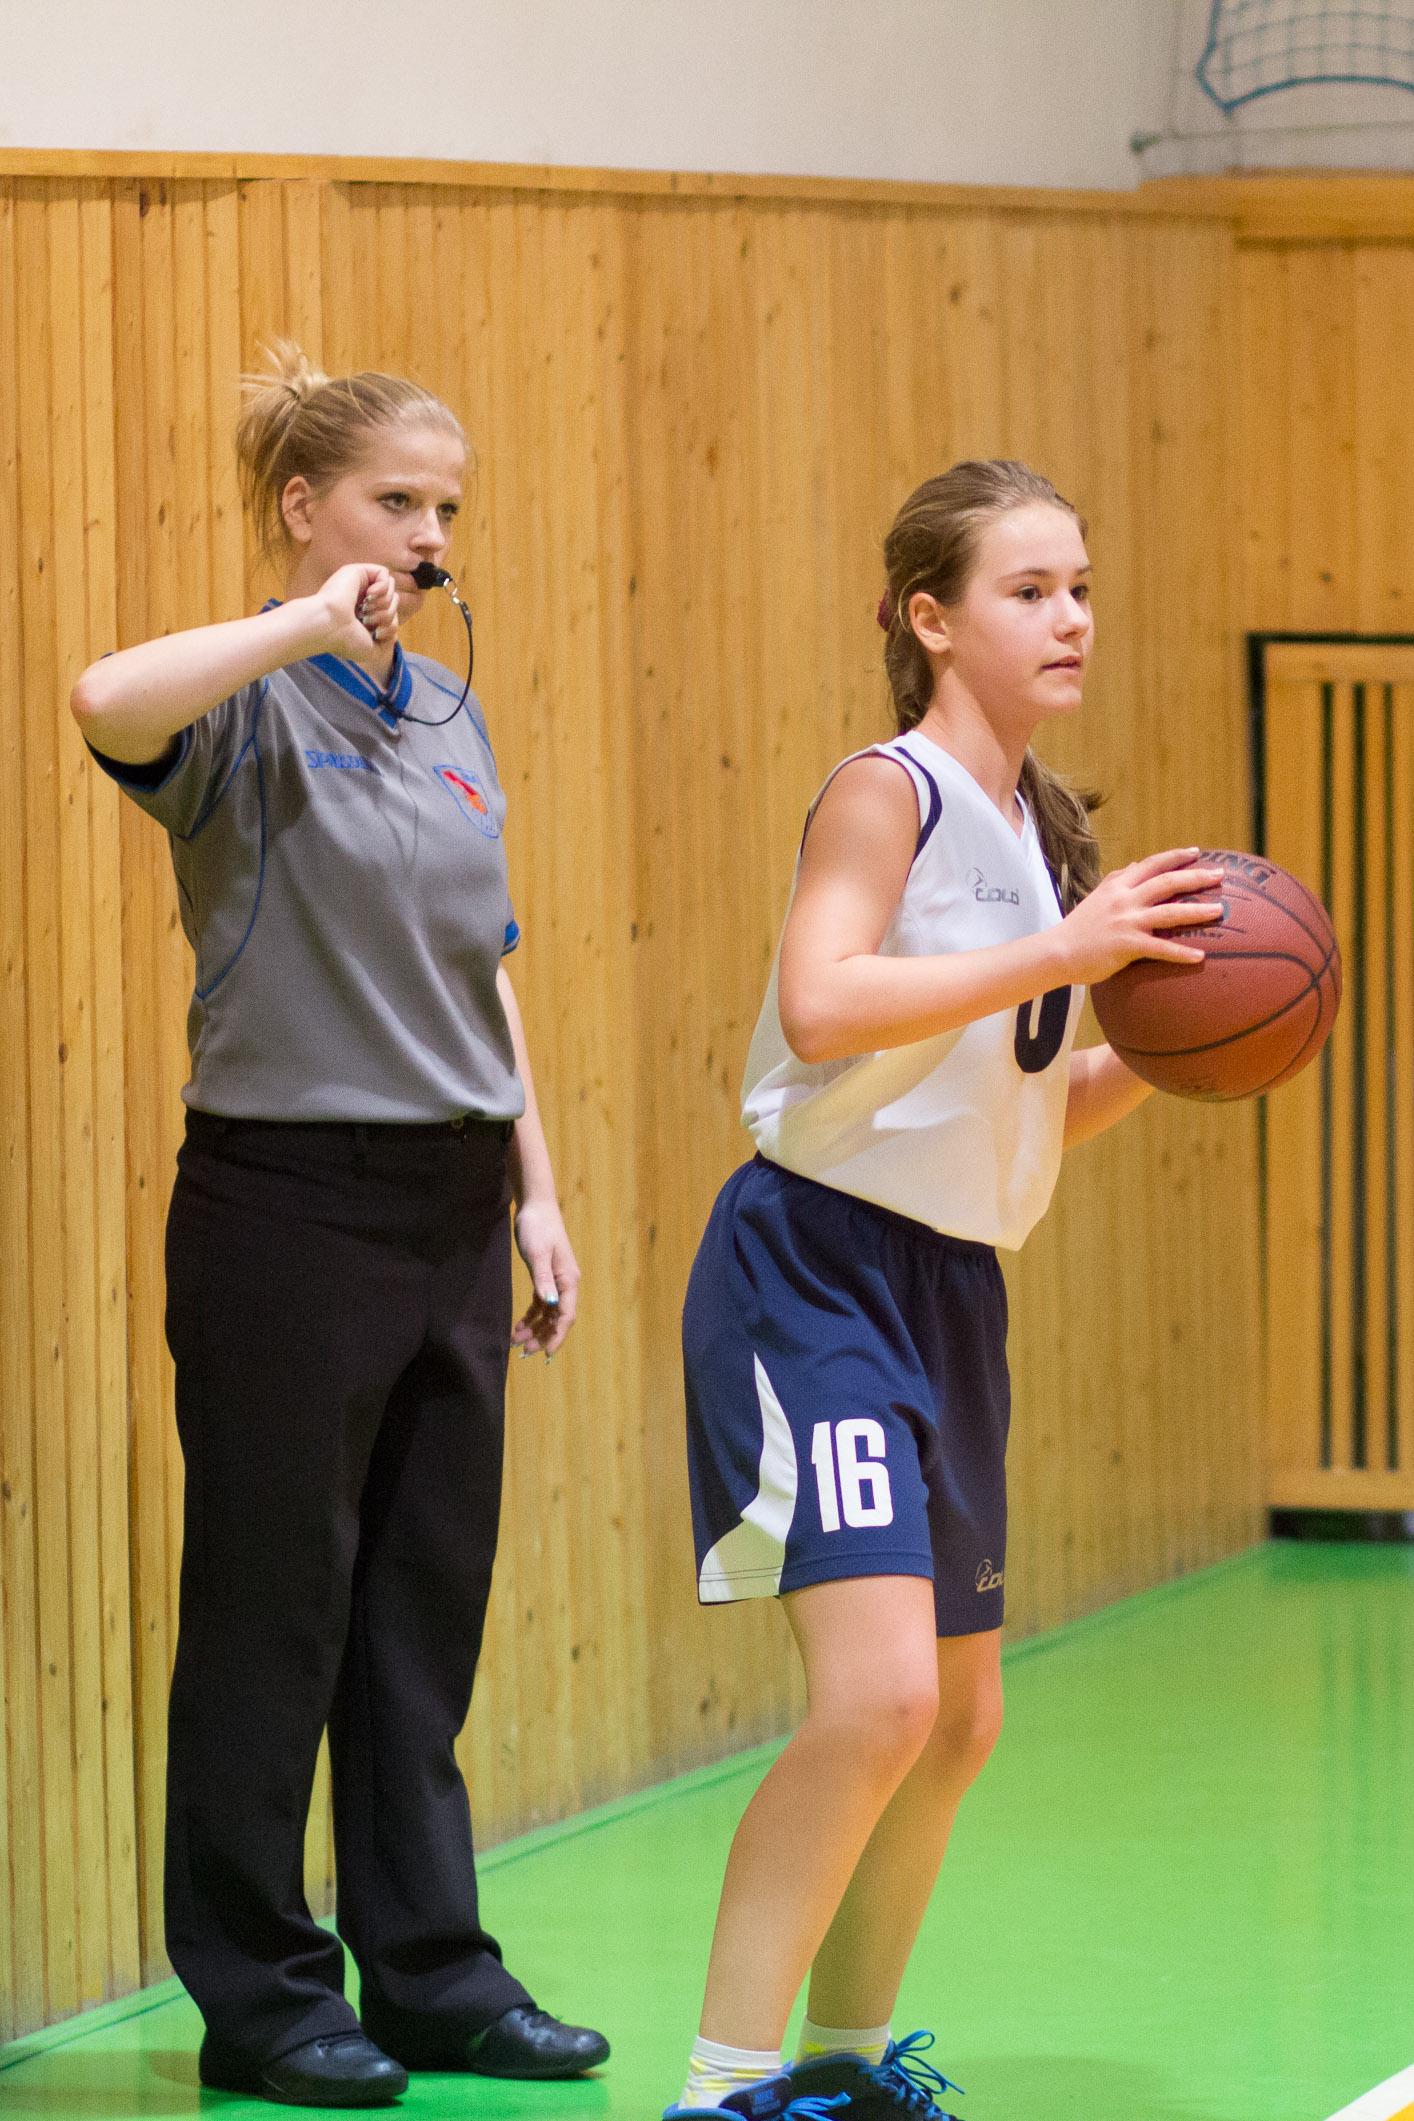 trojkralovy-basketbalovy-turnaj-2014-zvolen-9